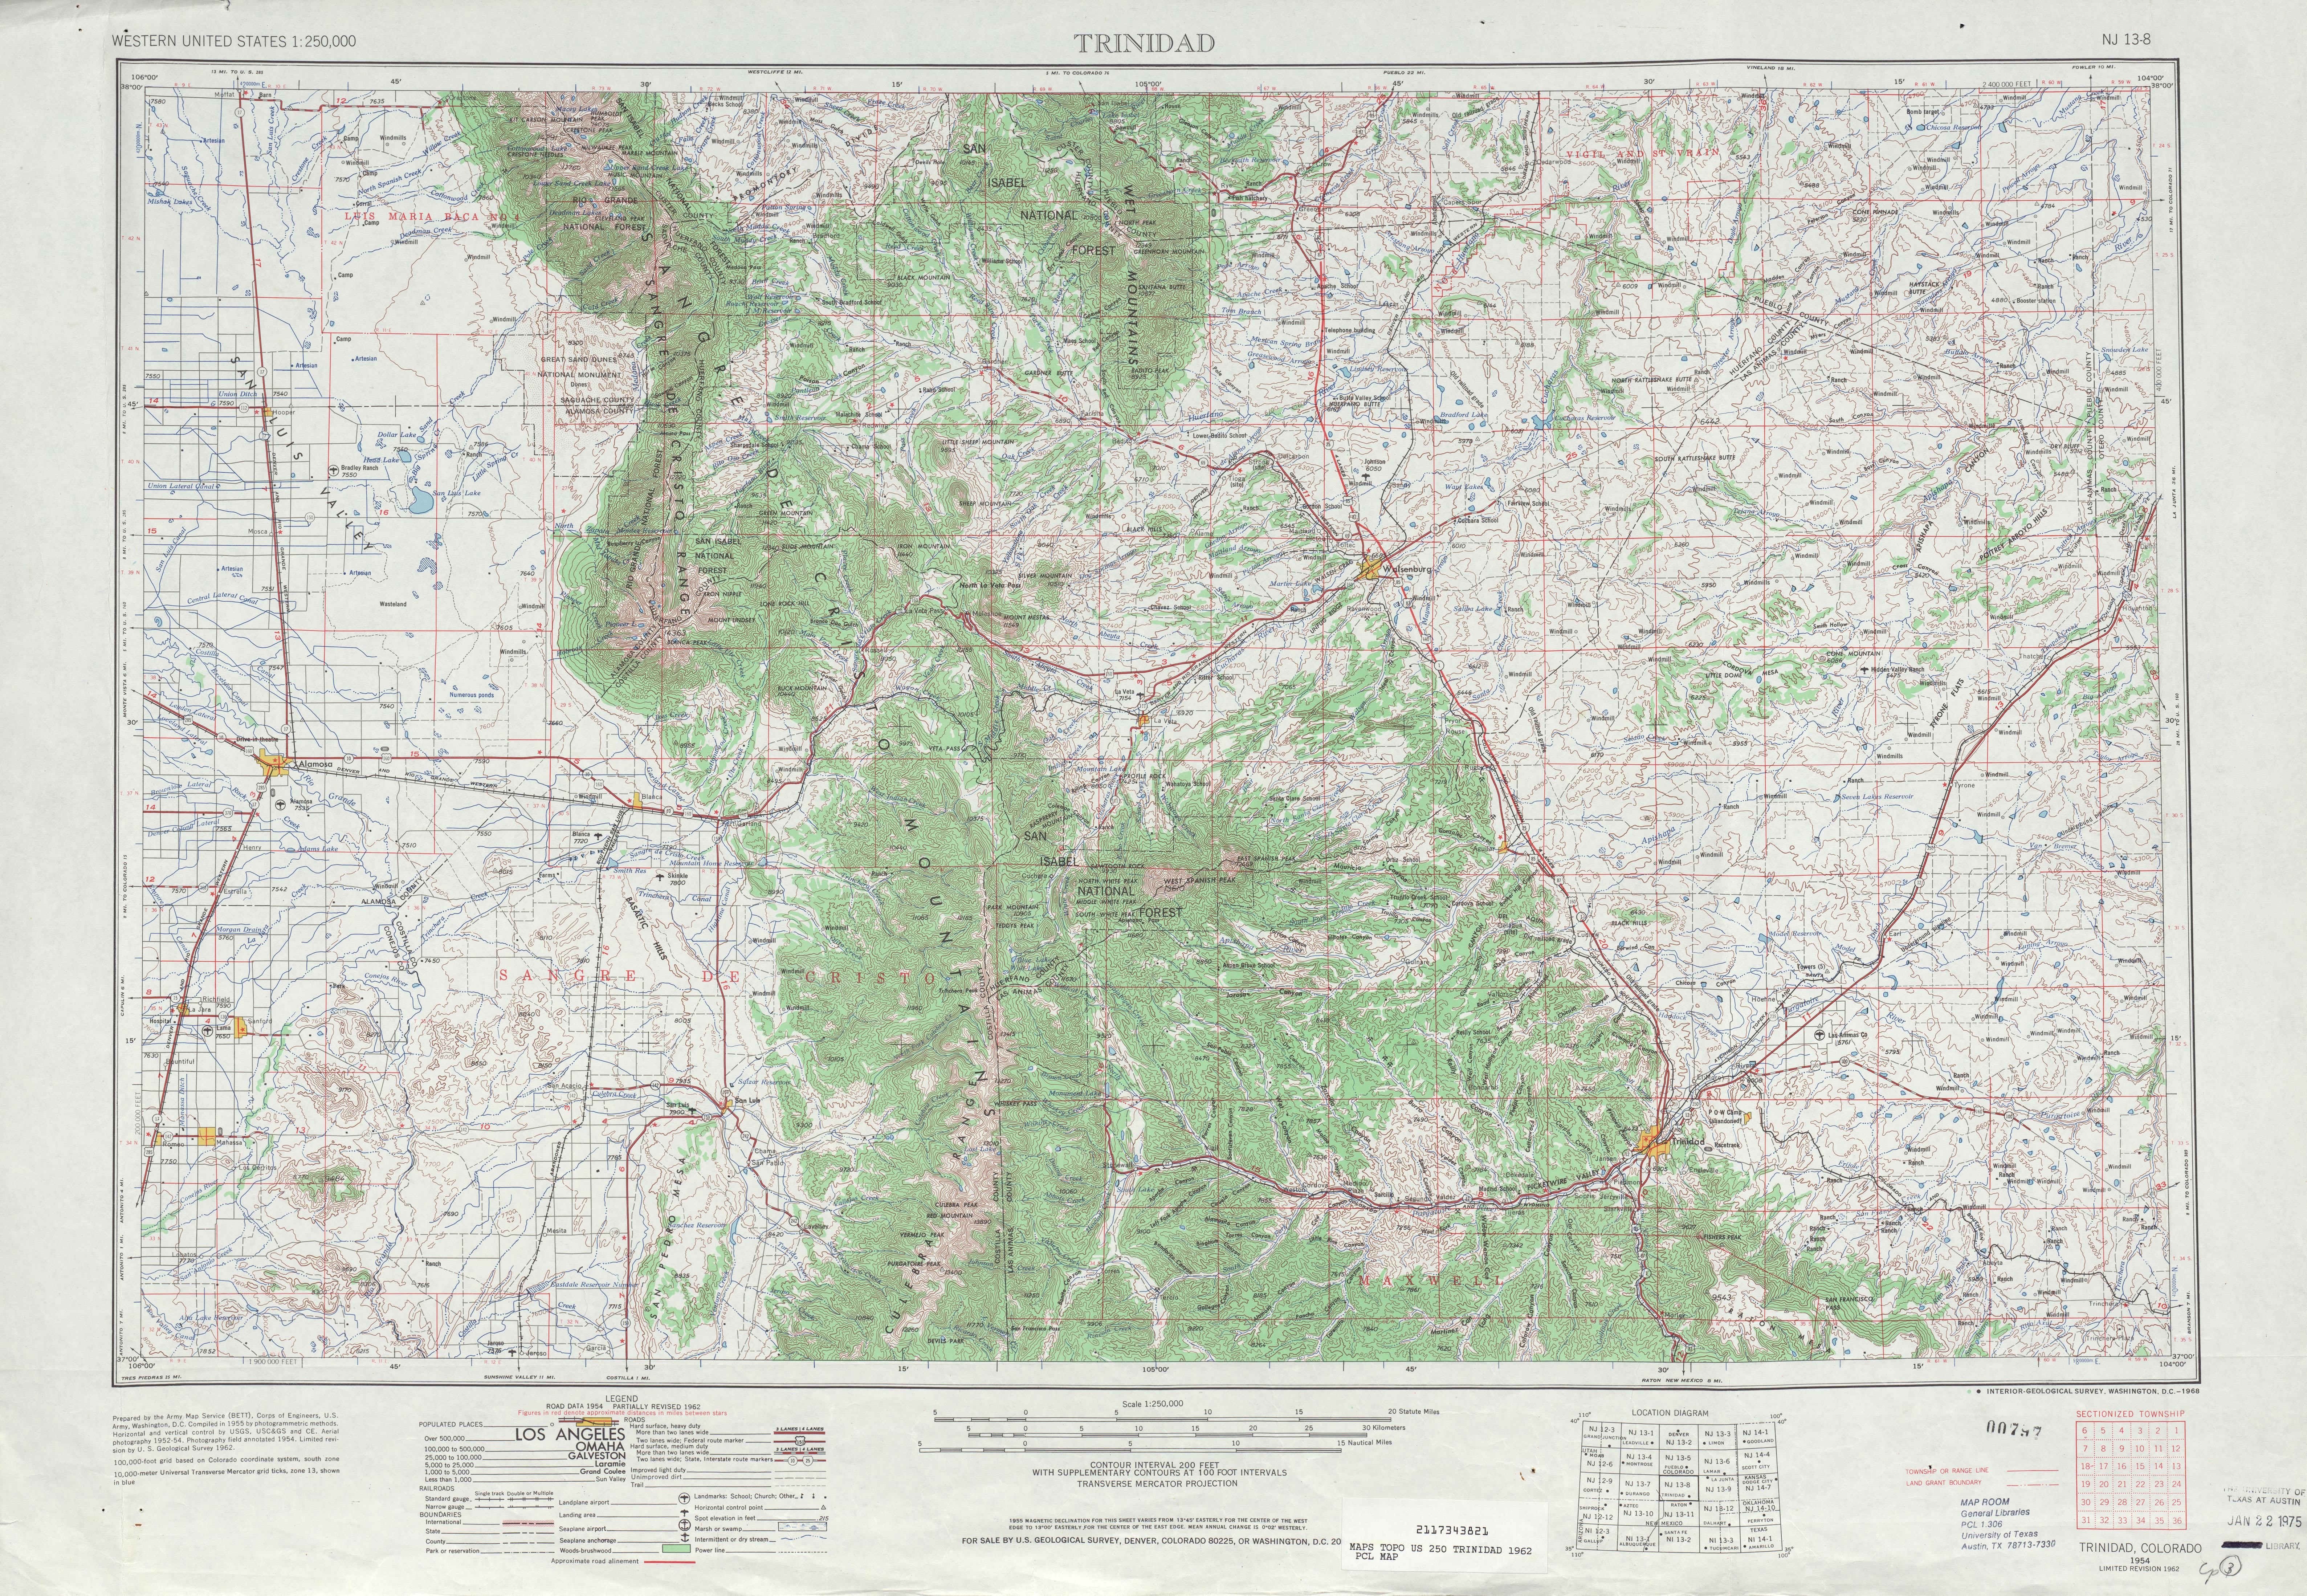 Hoja Trinidad del Mapa Topográfico de los Estados Unidos 1962